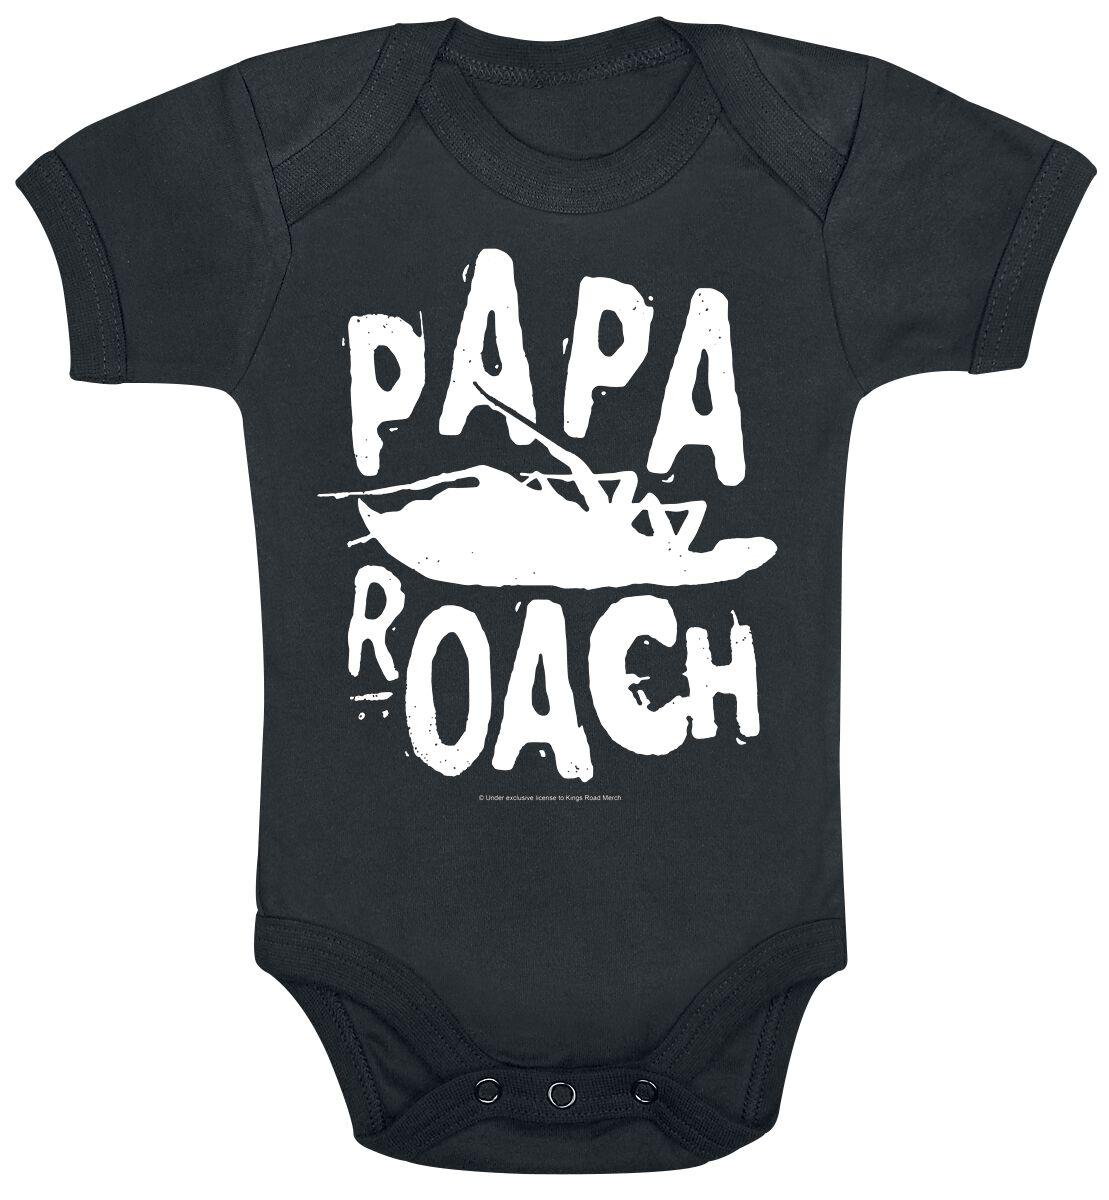 Zespoły - Odzież dziecięca i niemowlęca - Body Papa Roach Logo Body czarny - 374868